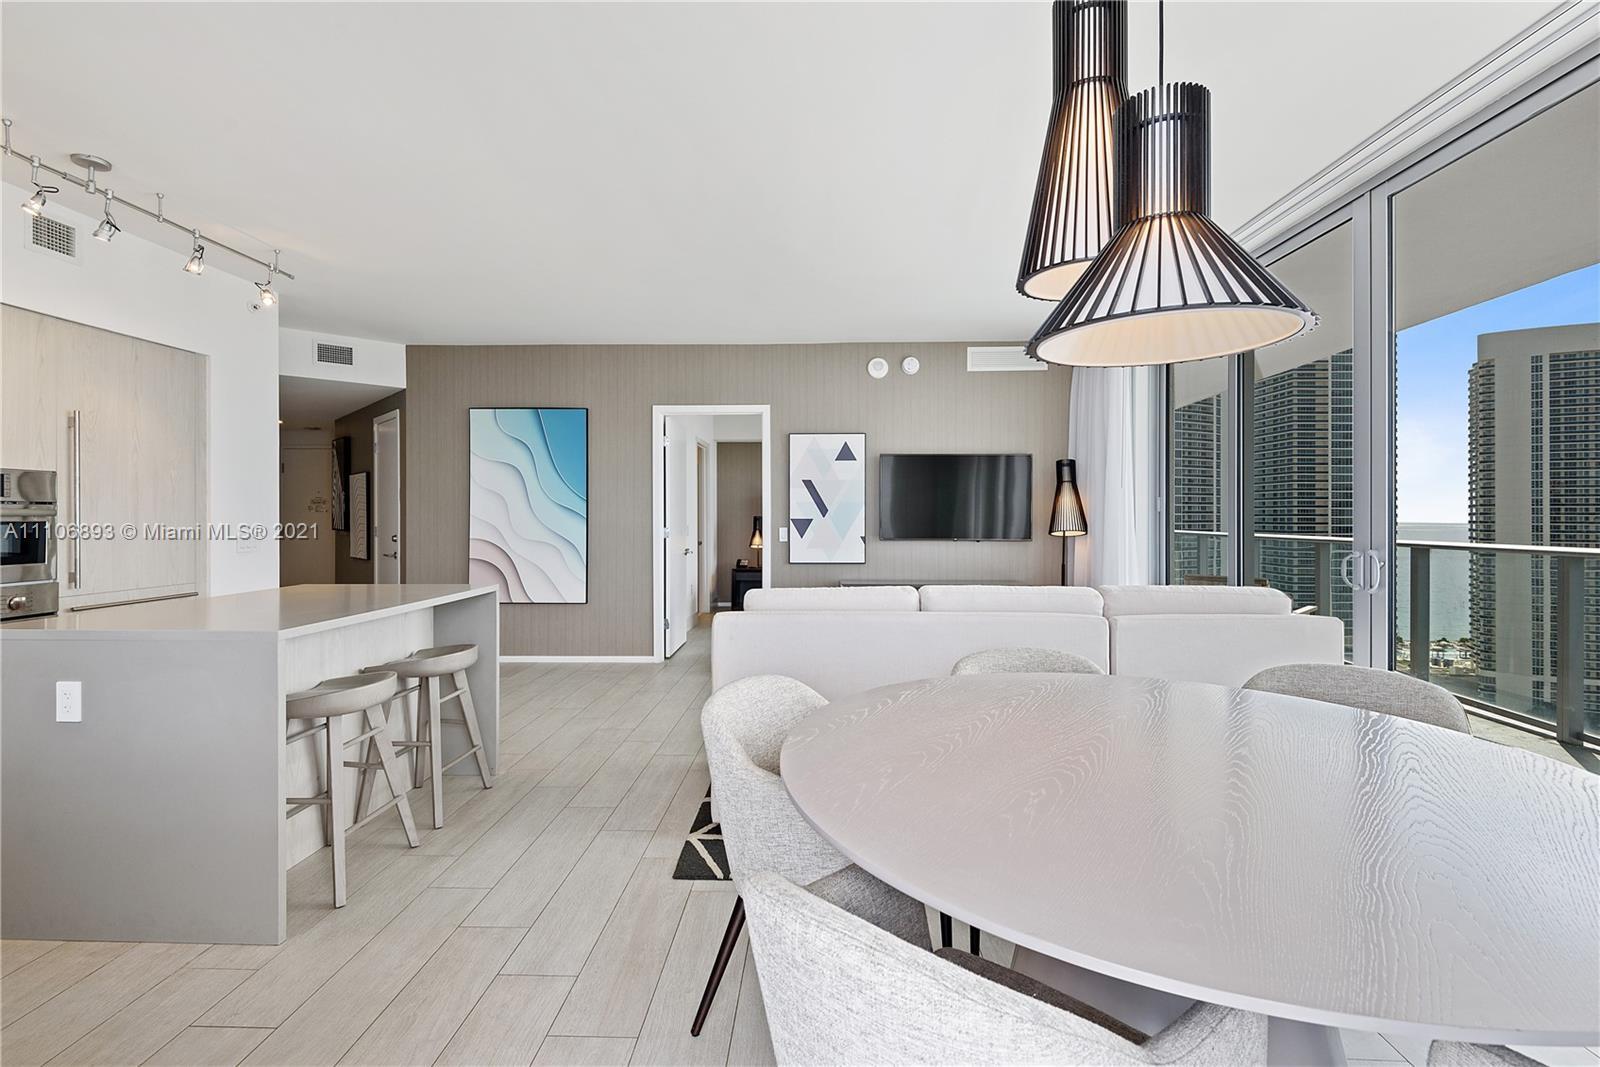 Hyde Beach House #R2208 - 4010 S Ocean Dr #R2208, Hollywood, FL 33019